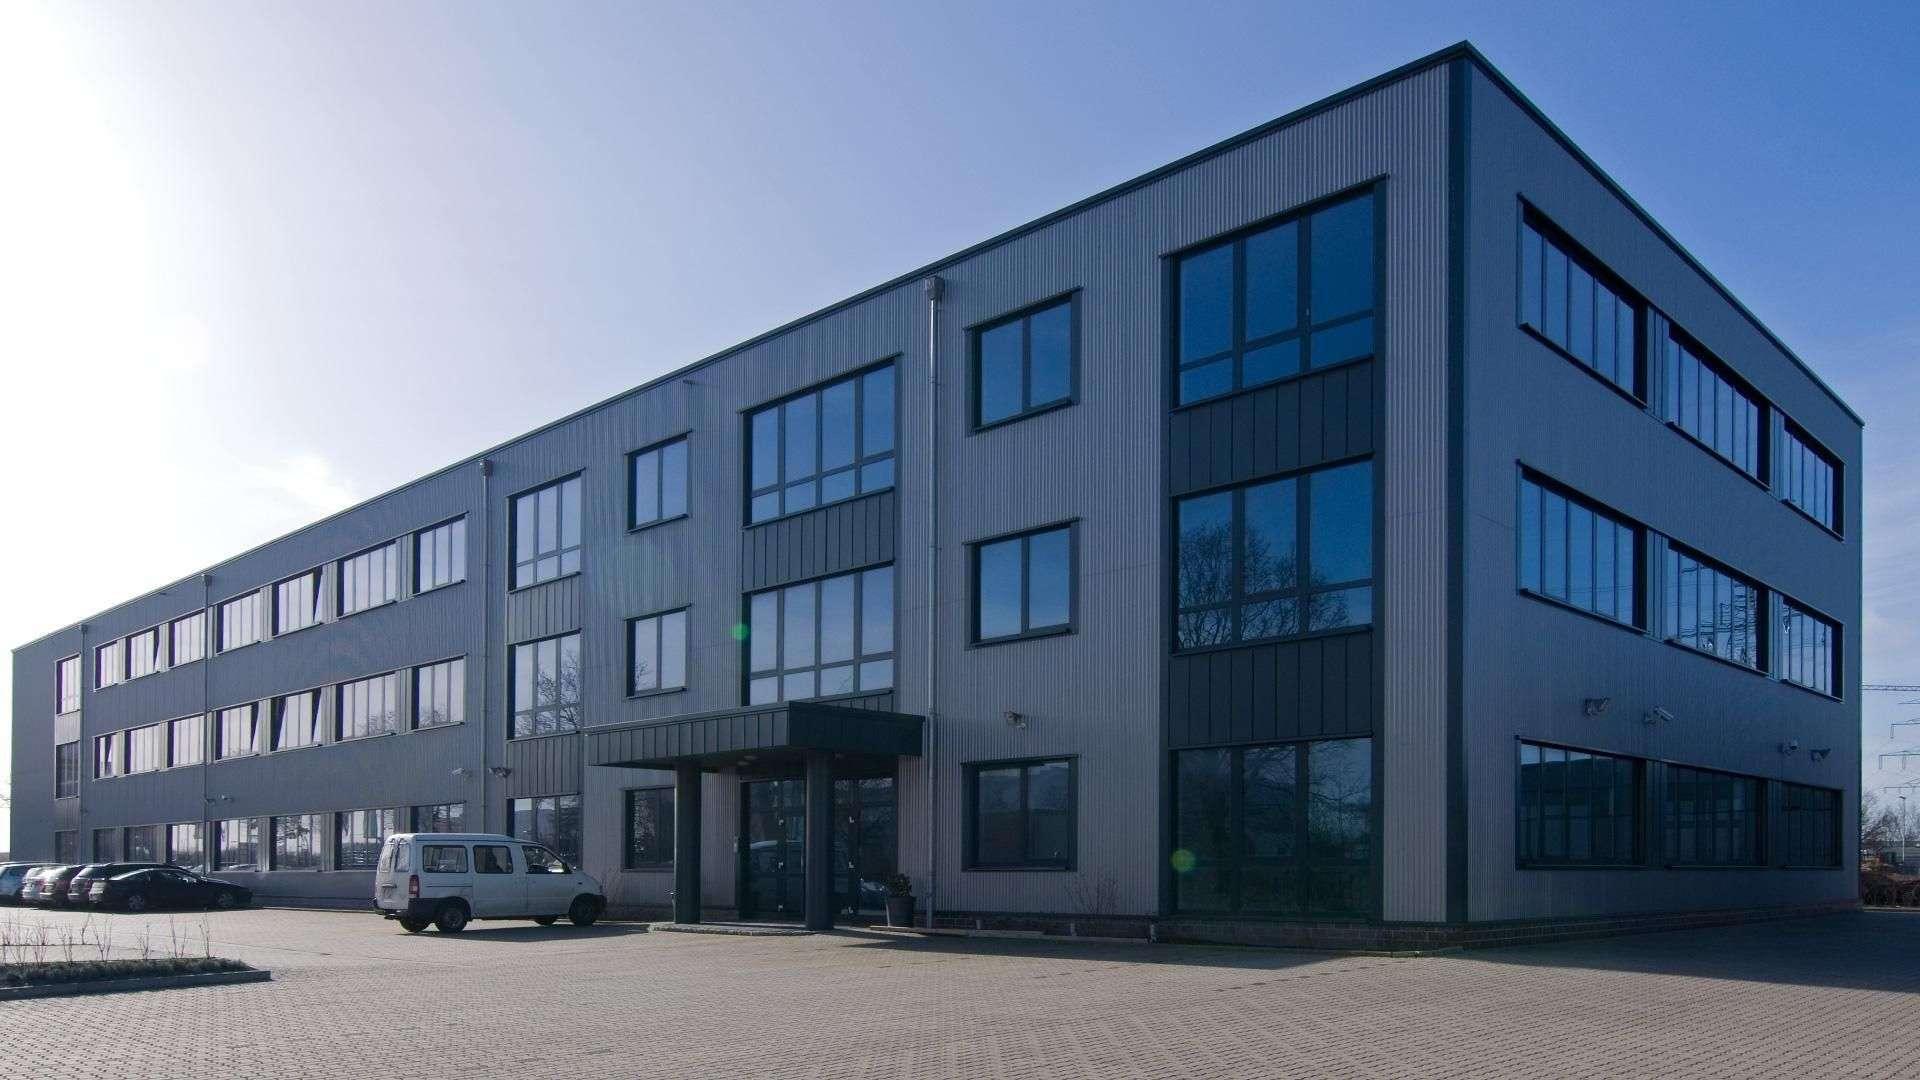 Großes Bürogebäude mit großen Fensterelementen